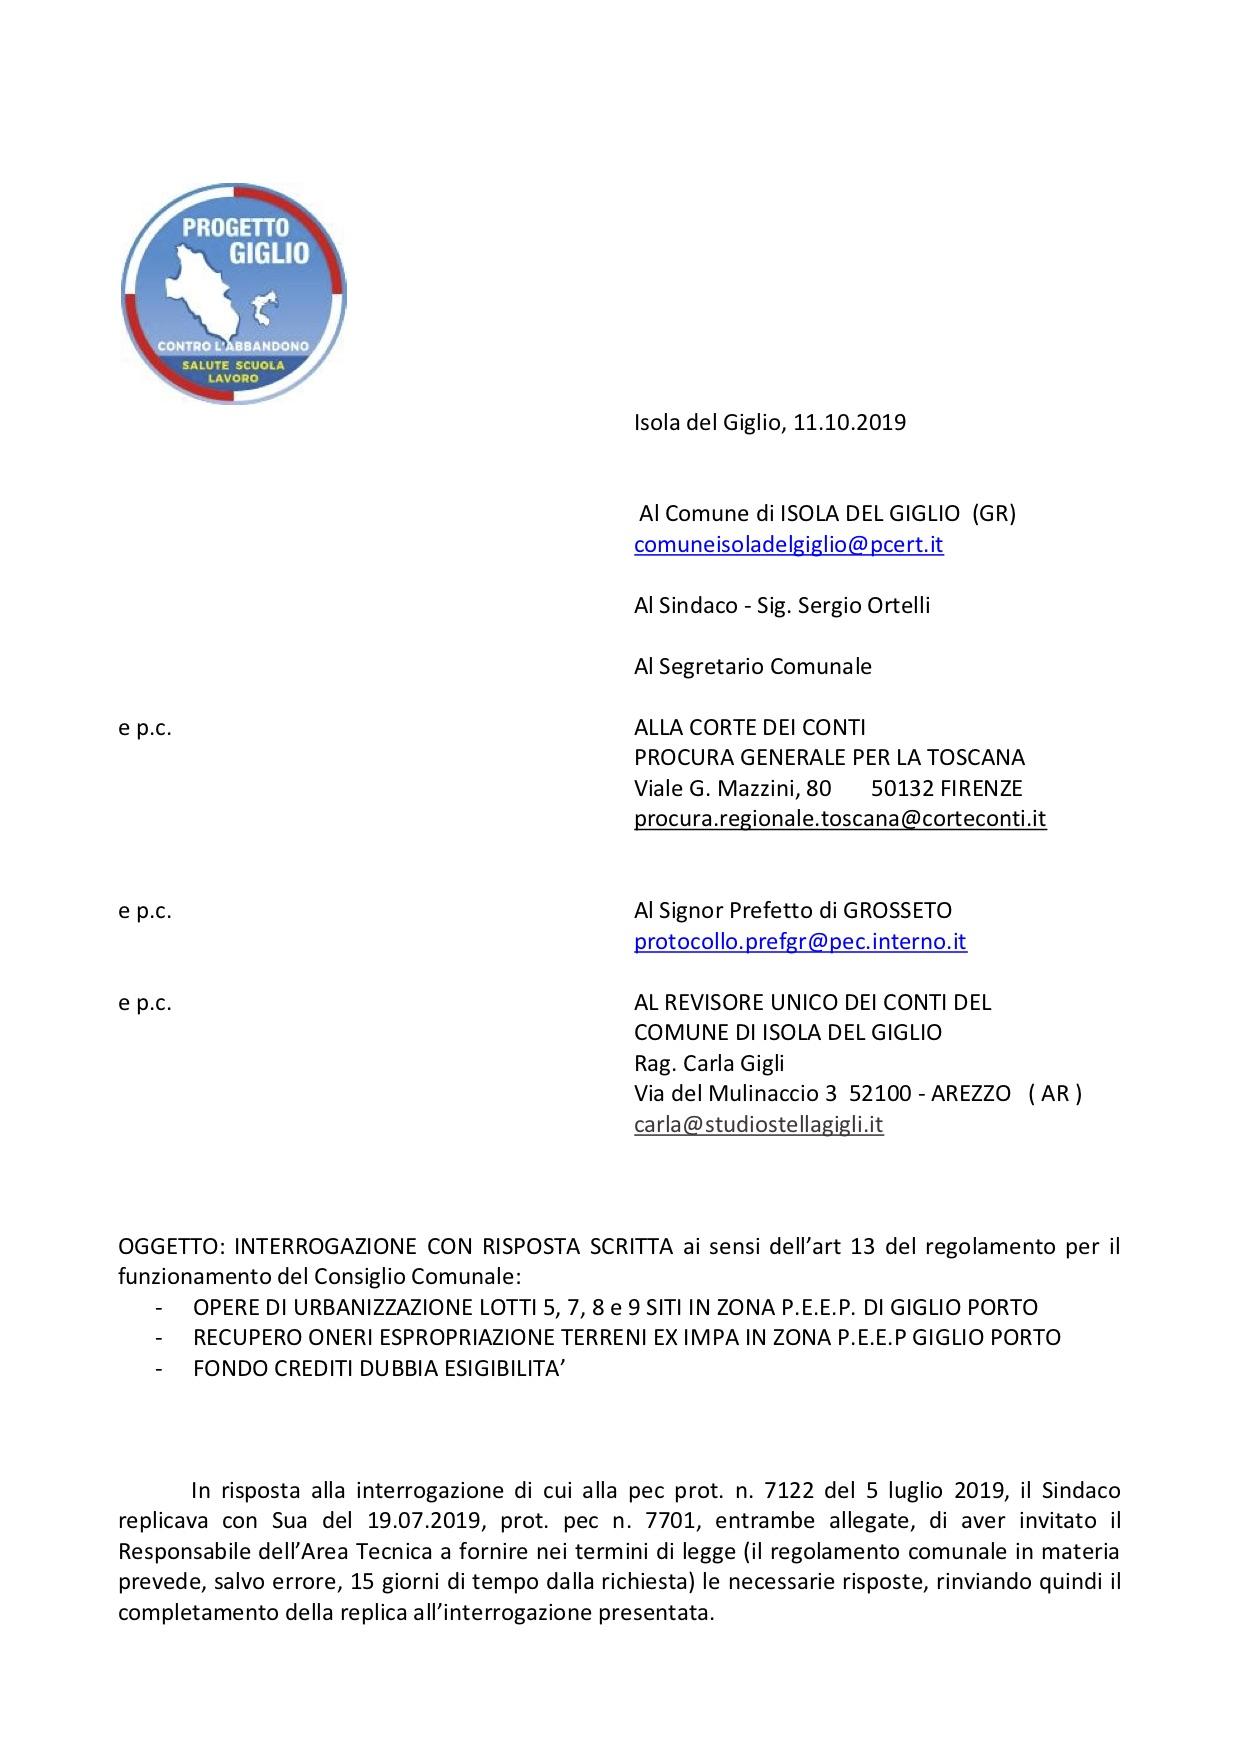 interrogazione bilanci minoranza progetto giglio isola del giglio giglionews